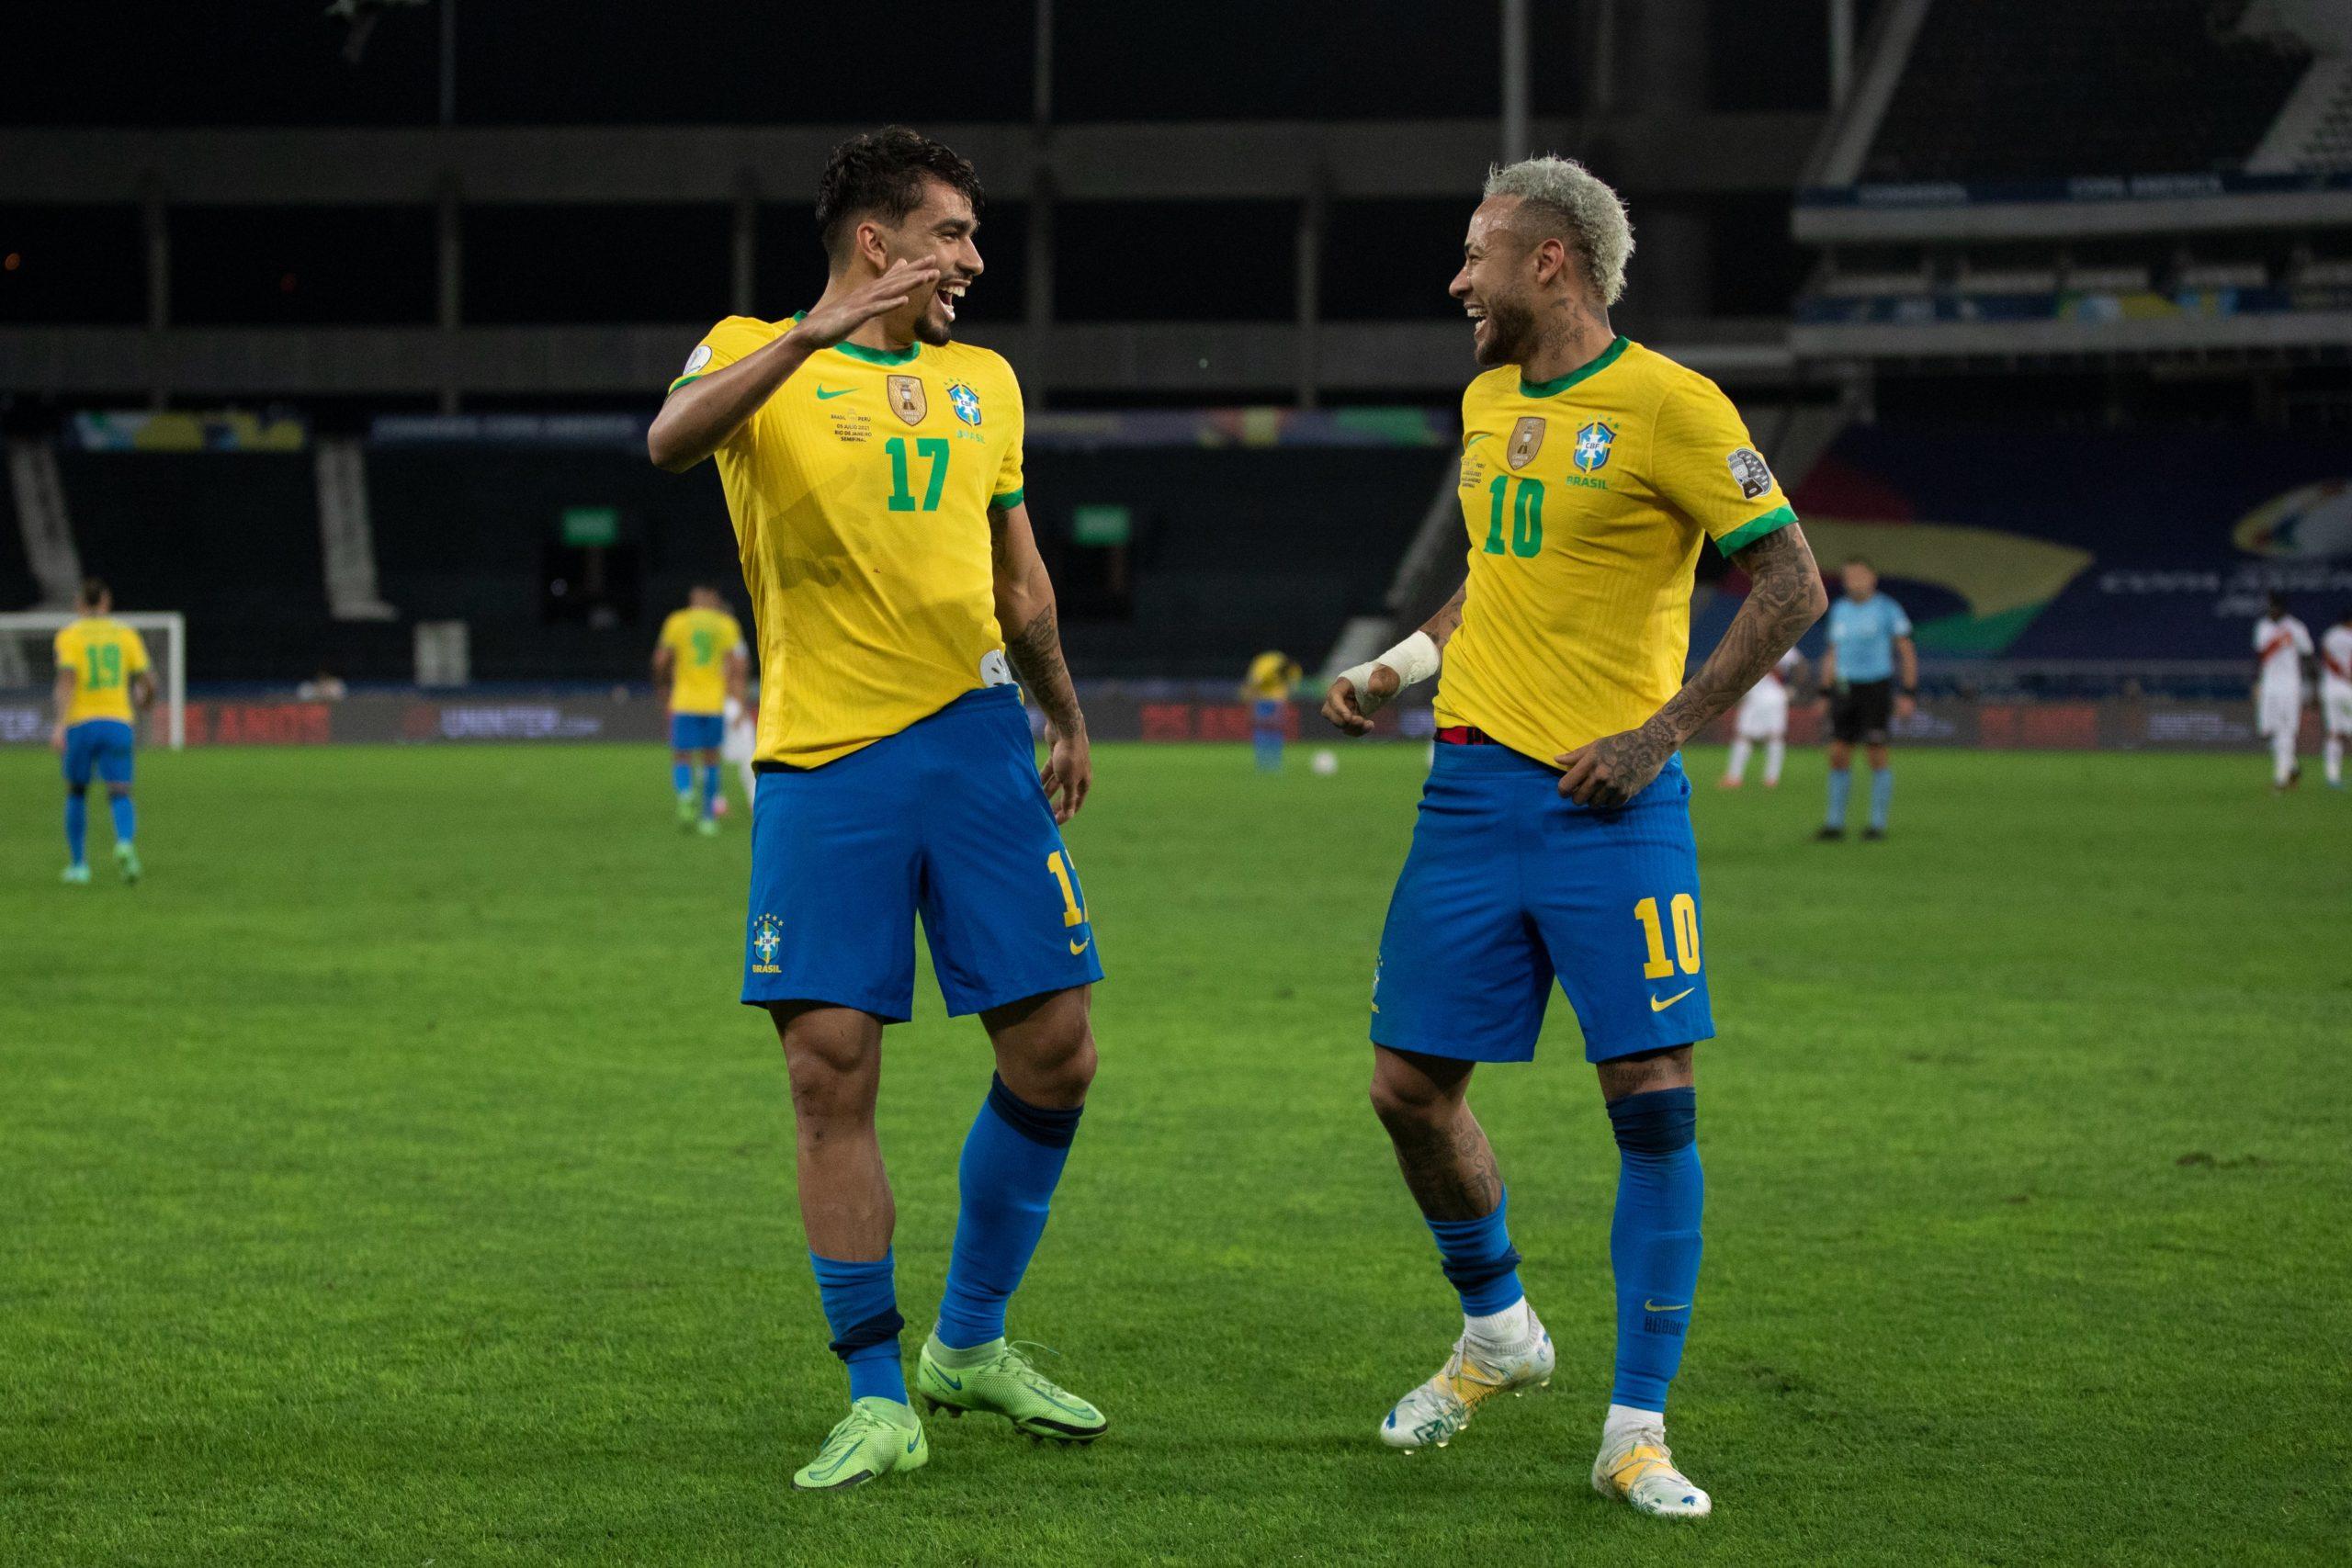 Lucas Paquetá e Neymar comemorado gol pela Seleção Brasileira